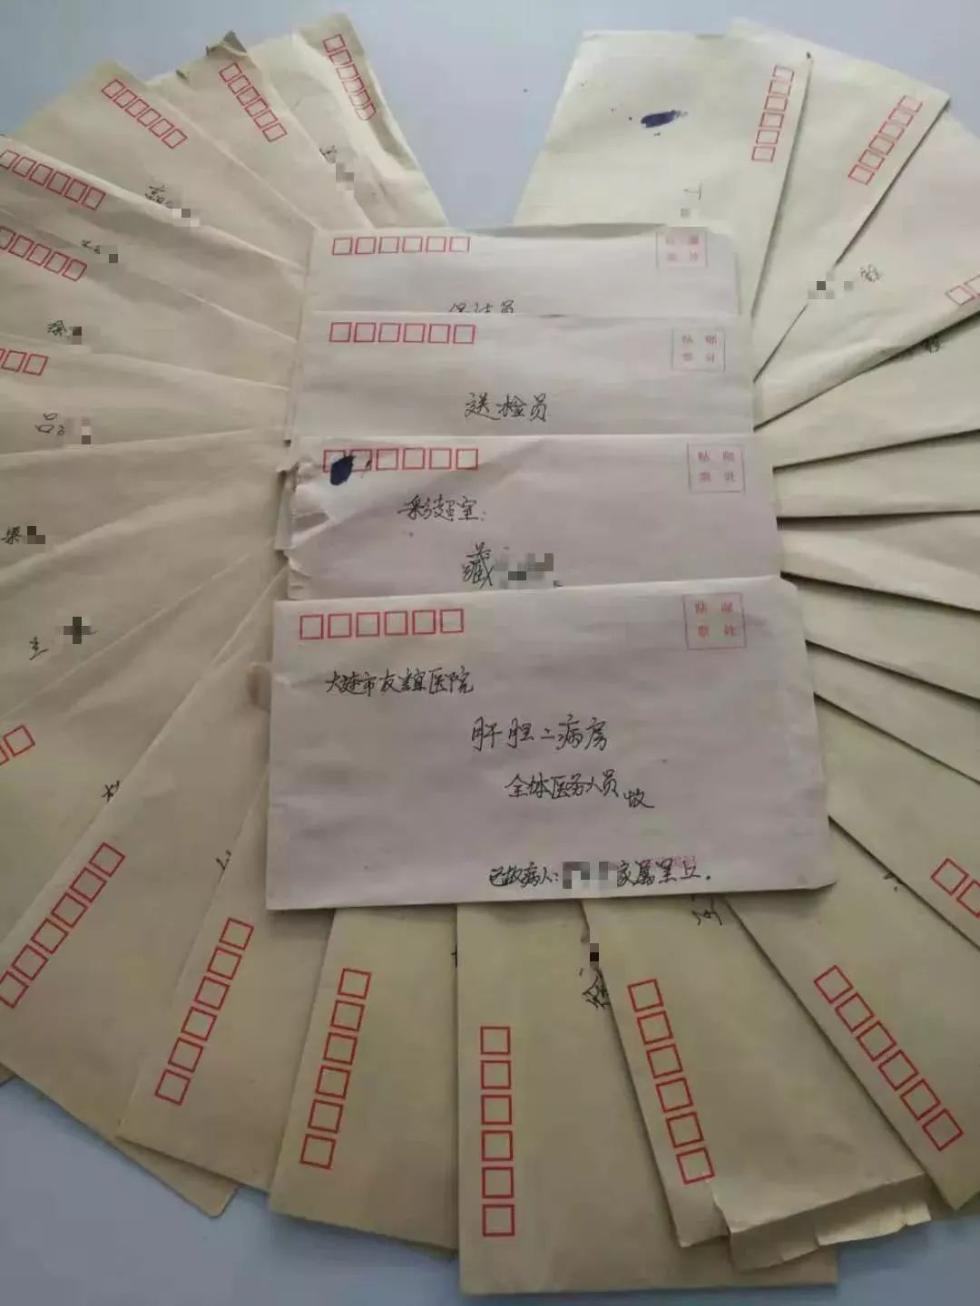 病人去世后 家属将29个装着钱的信封送到医院